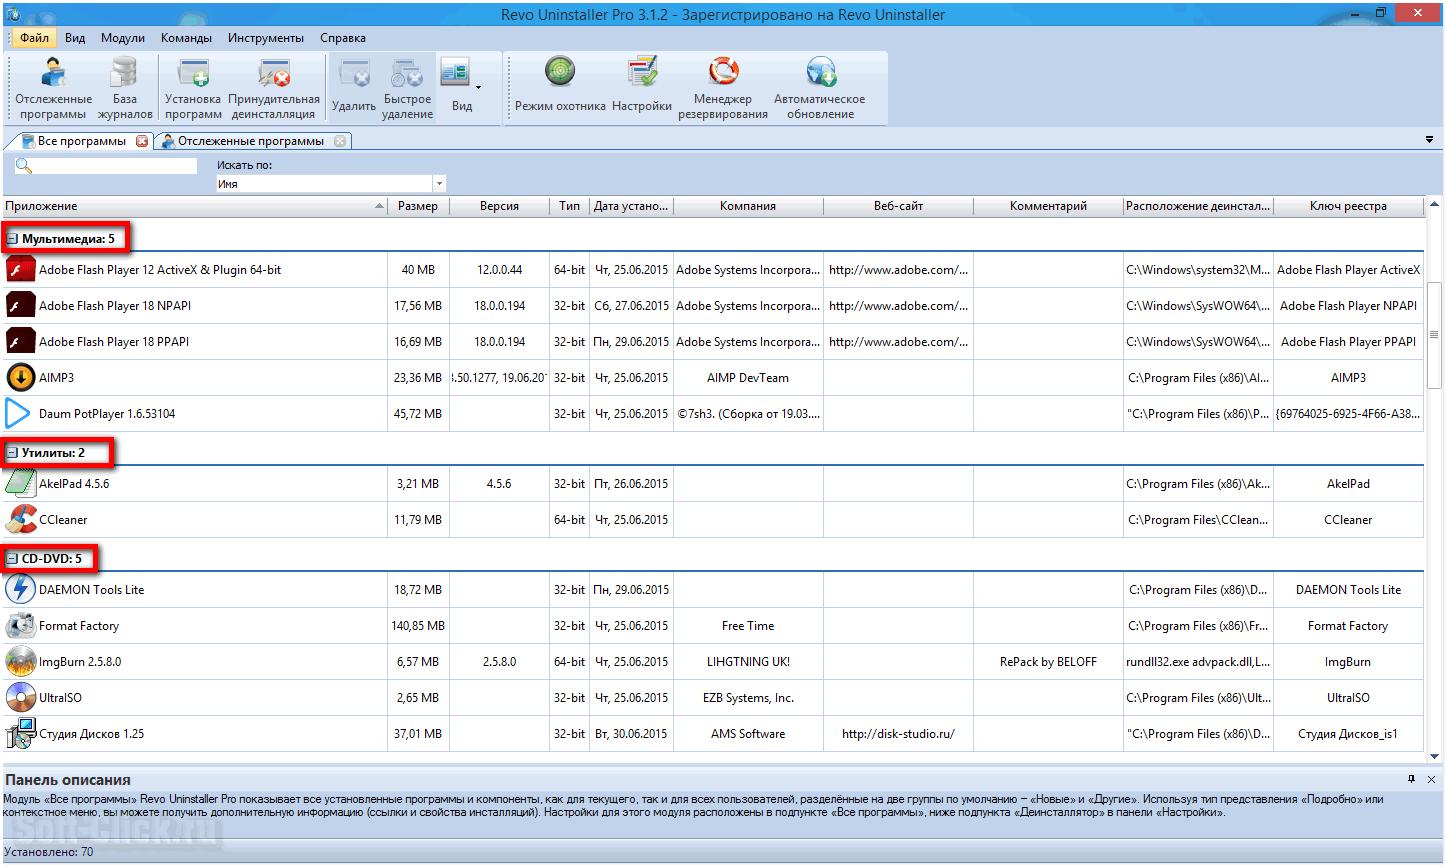 Revo-Uninstaller-Pro-7